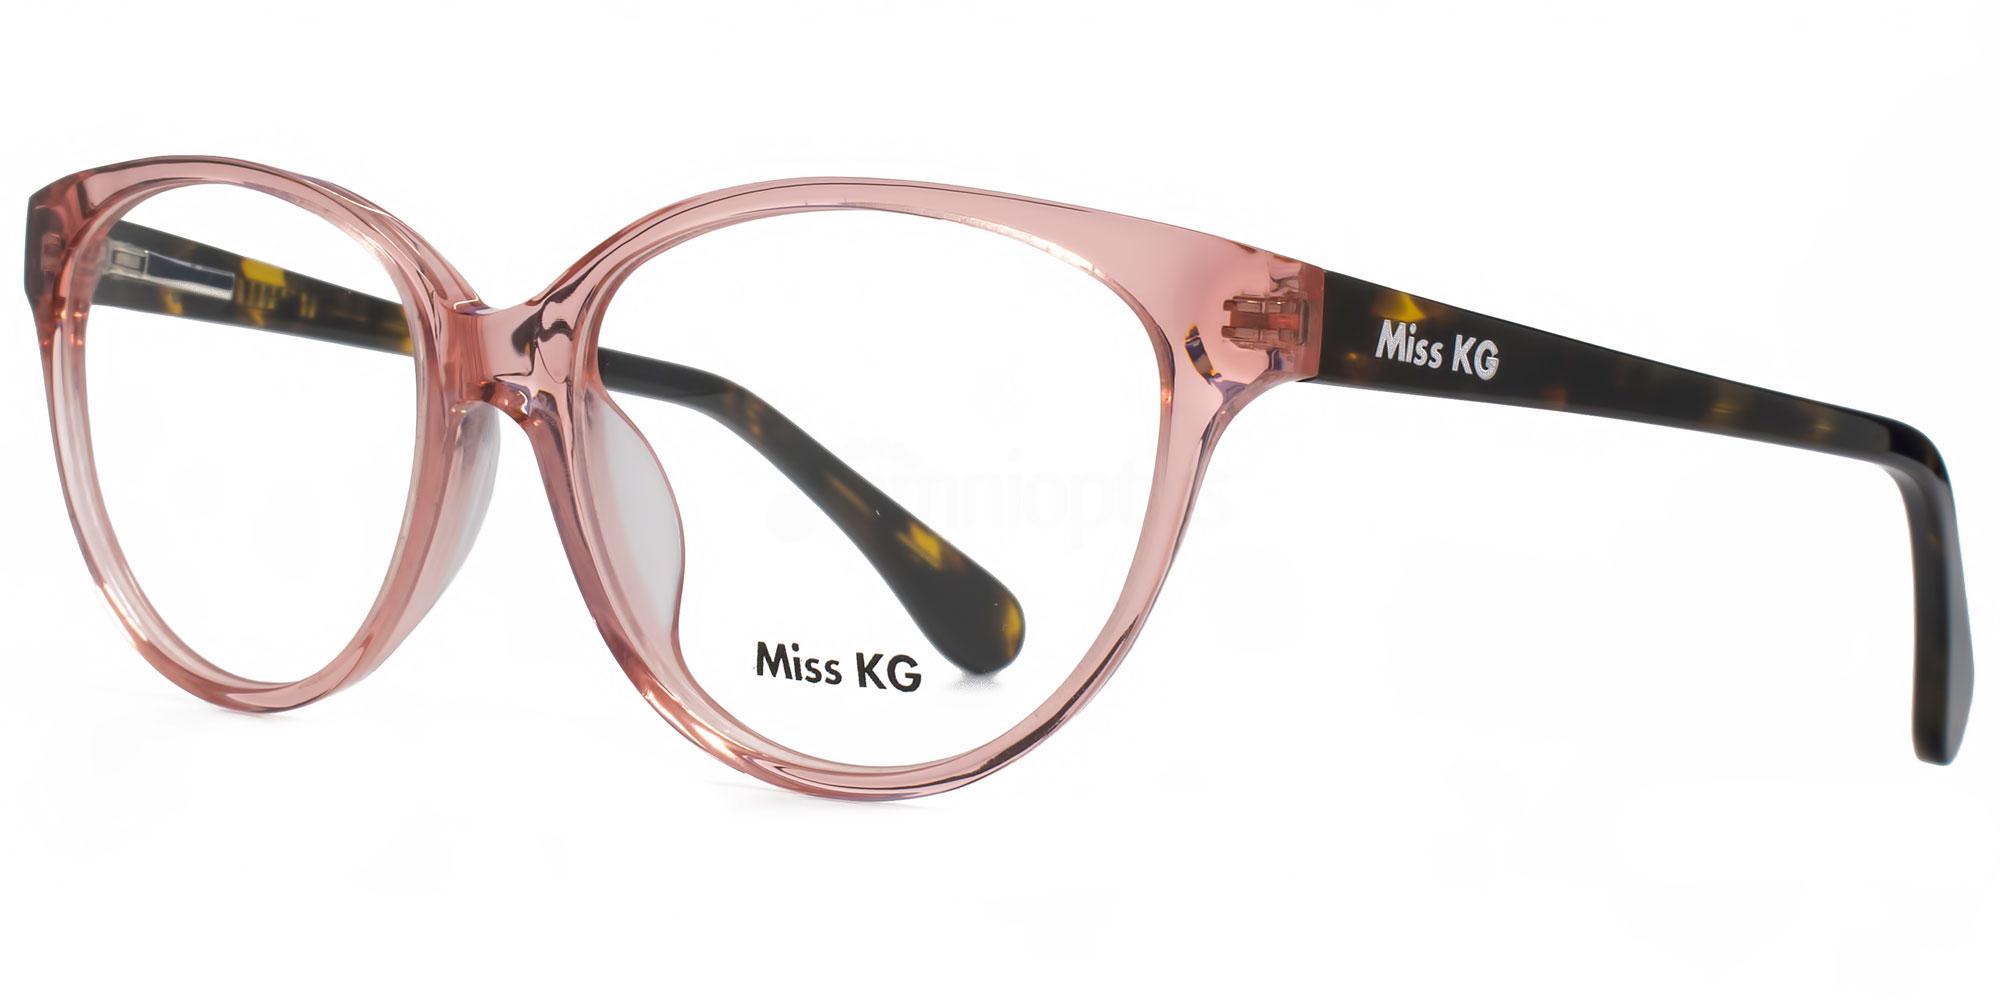 PNK MKGS015 - Dory , Miss KG